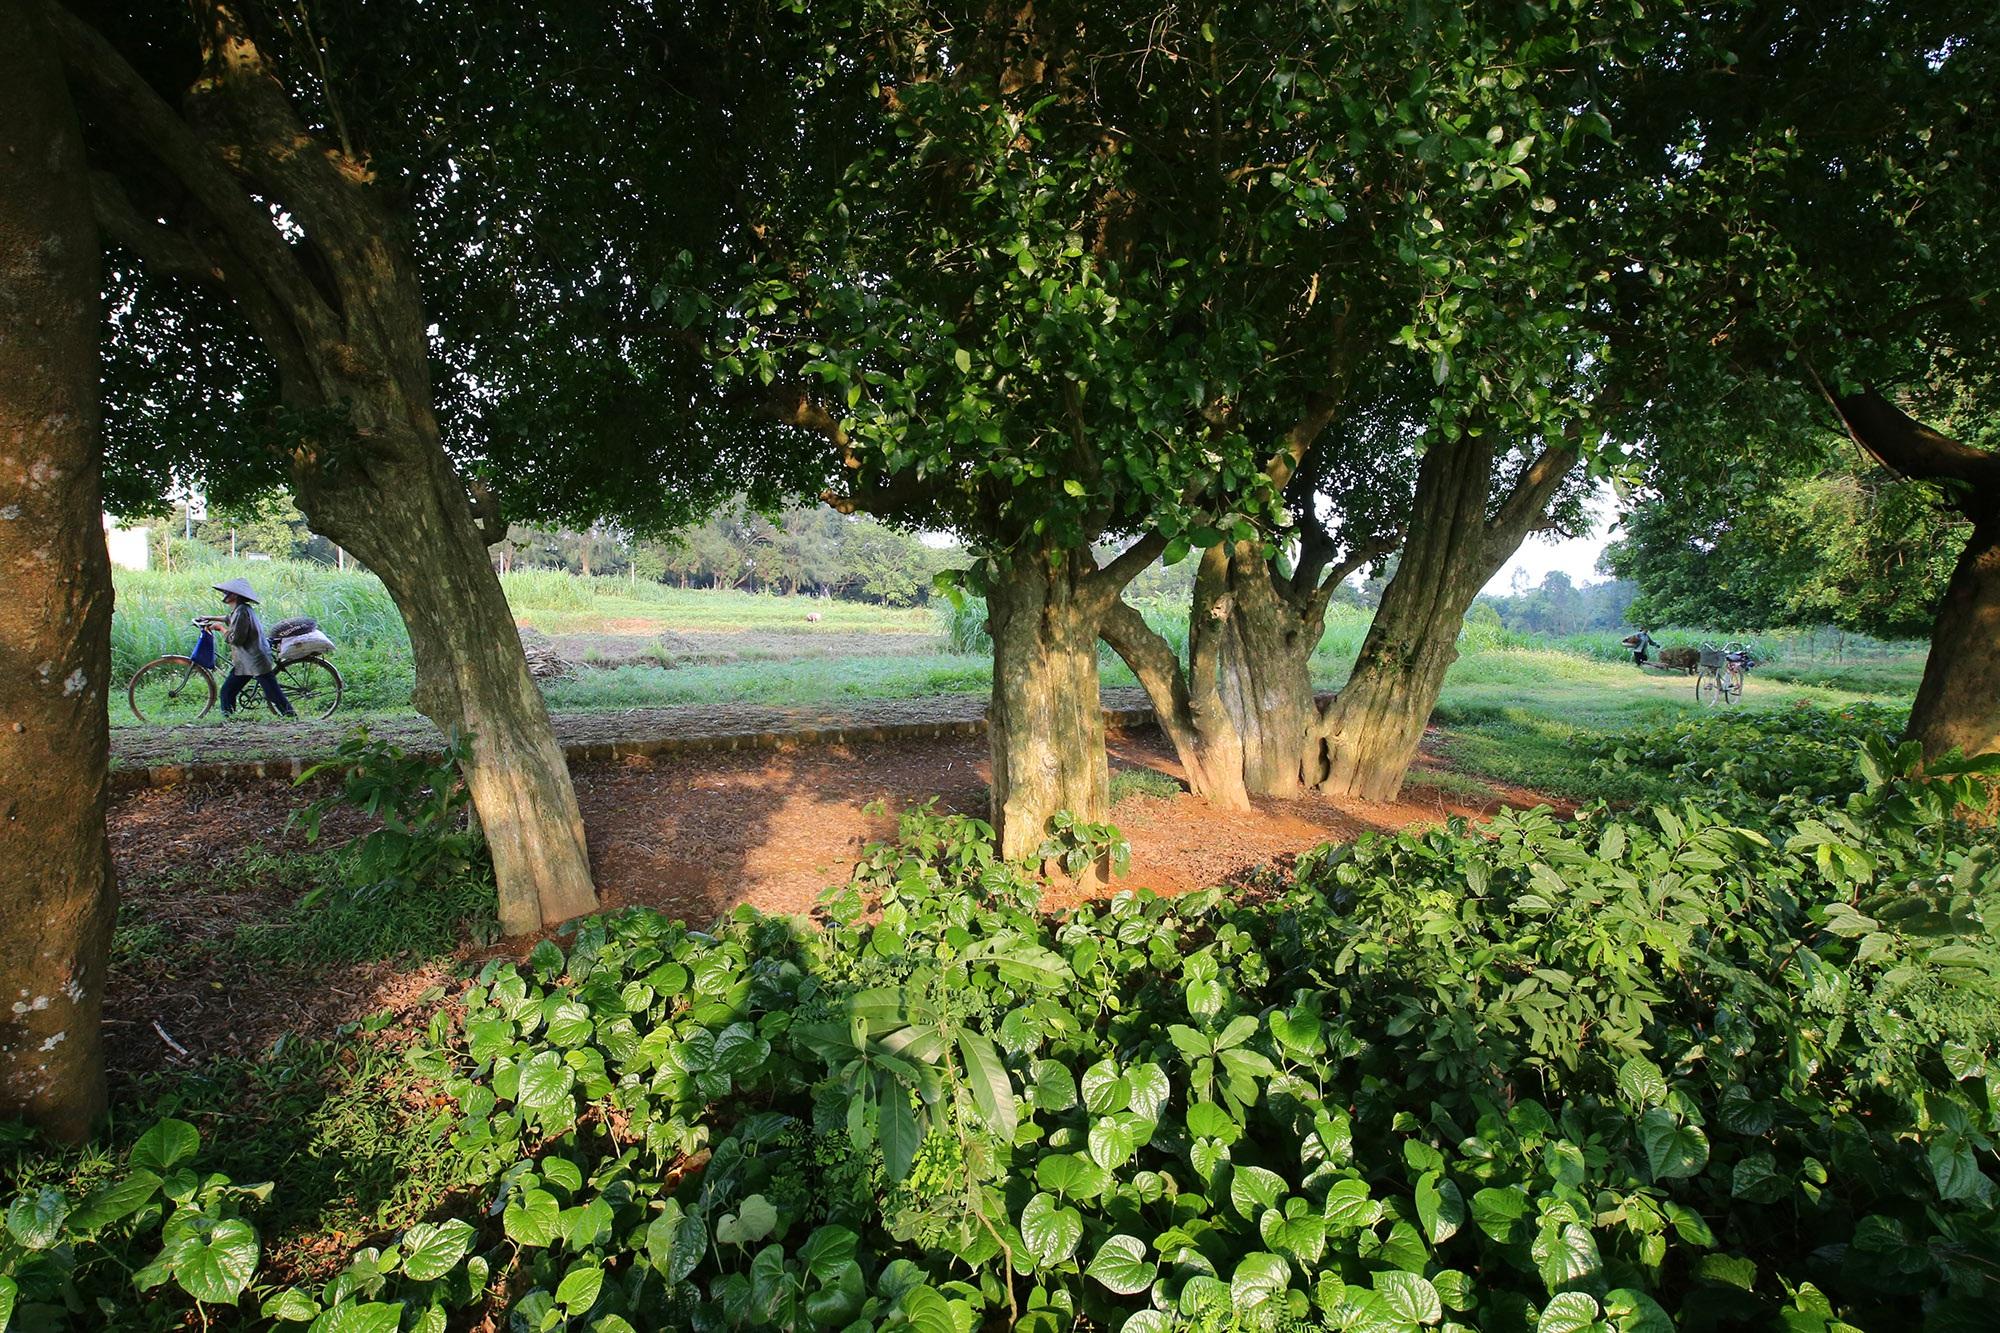 Rặng cây duối cổ hơn 1000 năm tuổi ở Hà Nội - 2